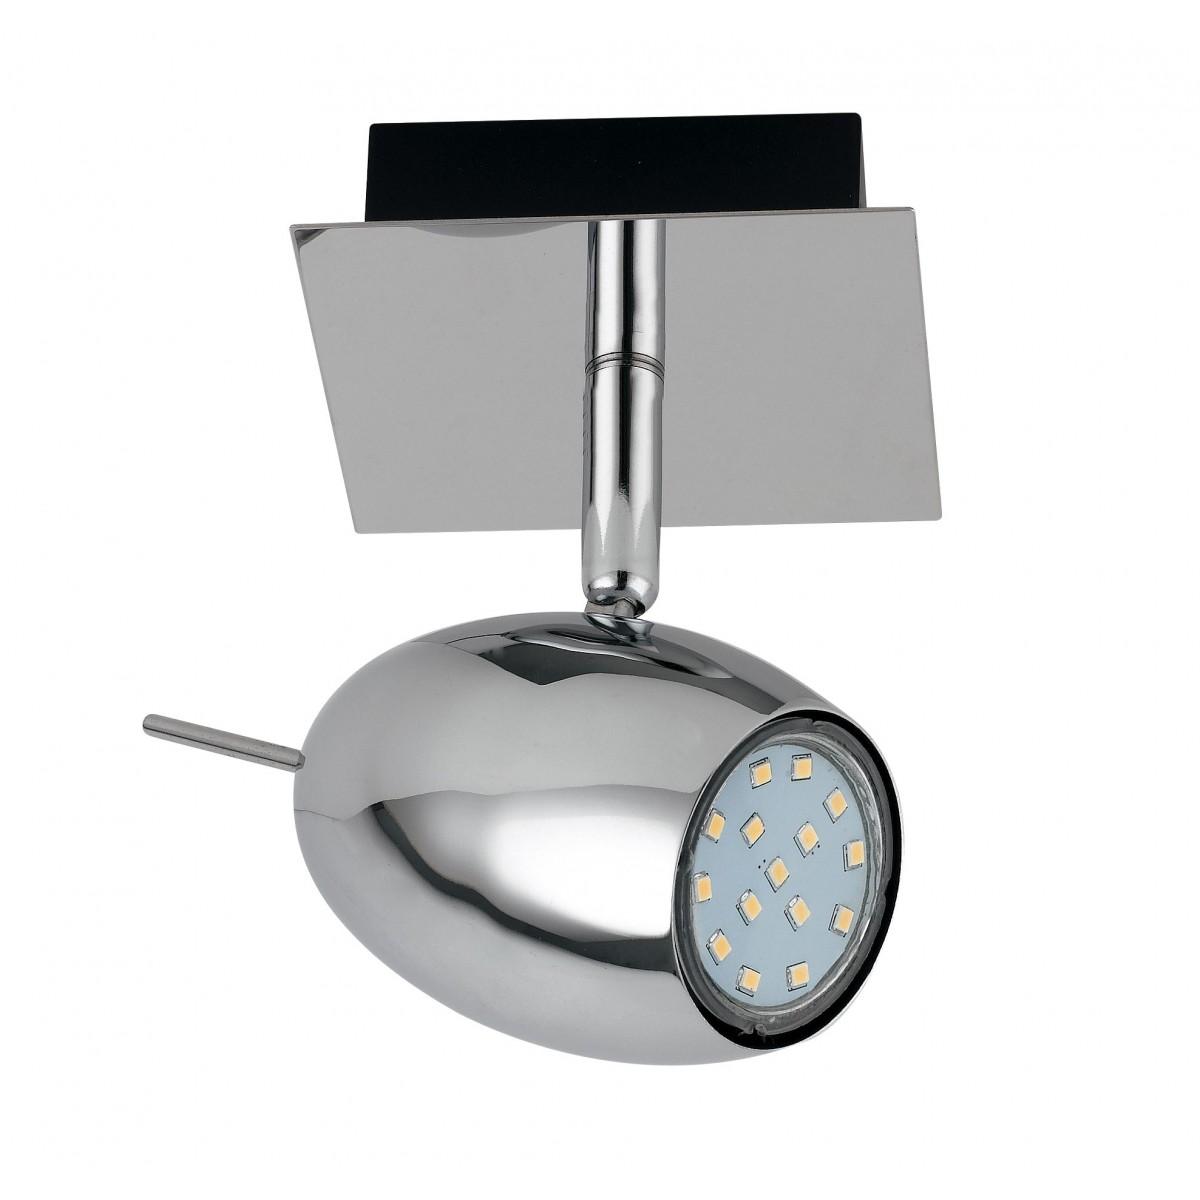 Applique con luce led dalla forma ovale